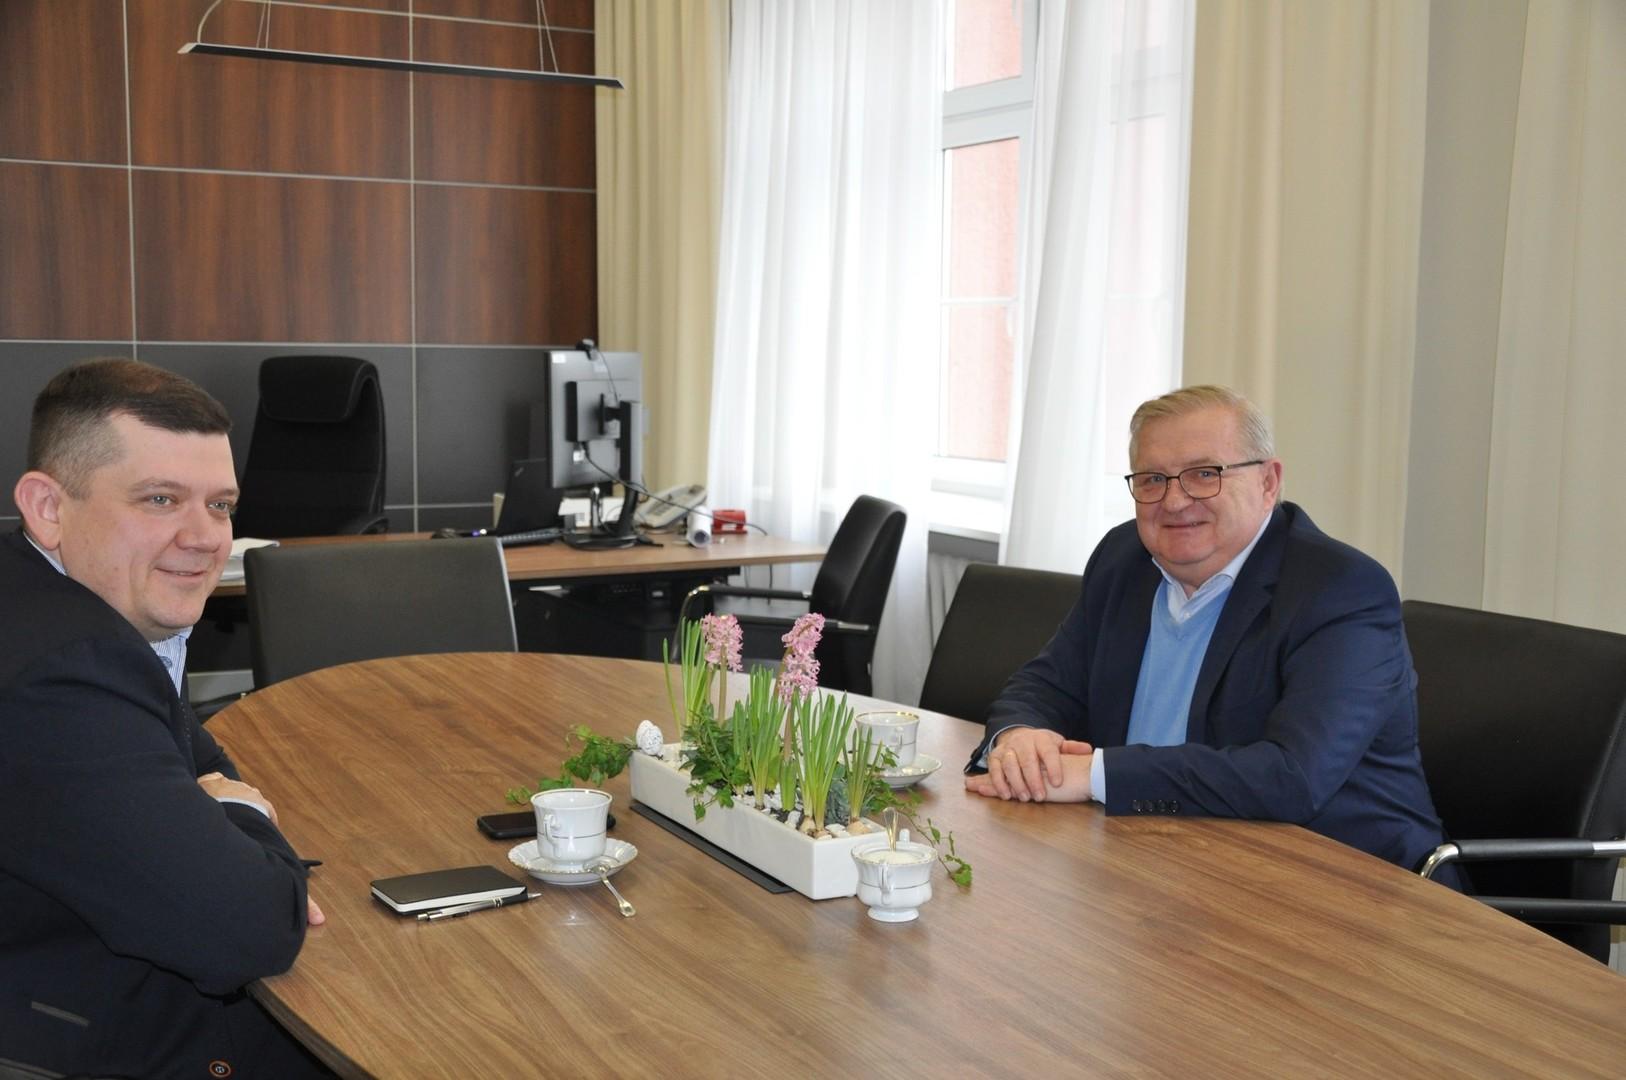 Od lewej: prezydent Jacek Wójcicki, członek zarządu Tadeusz Jędrzejczak.